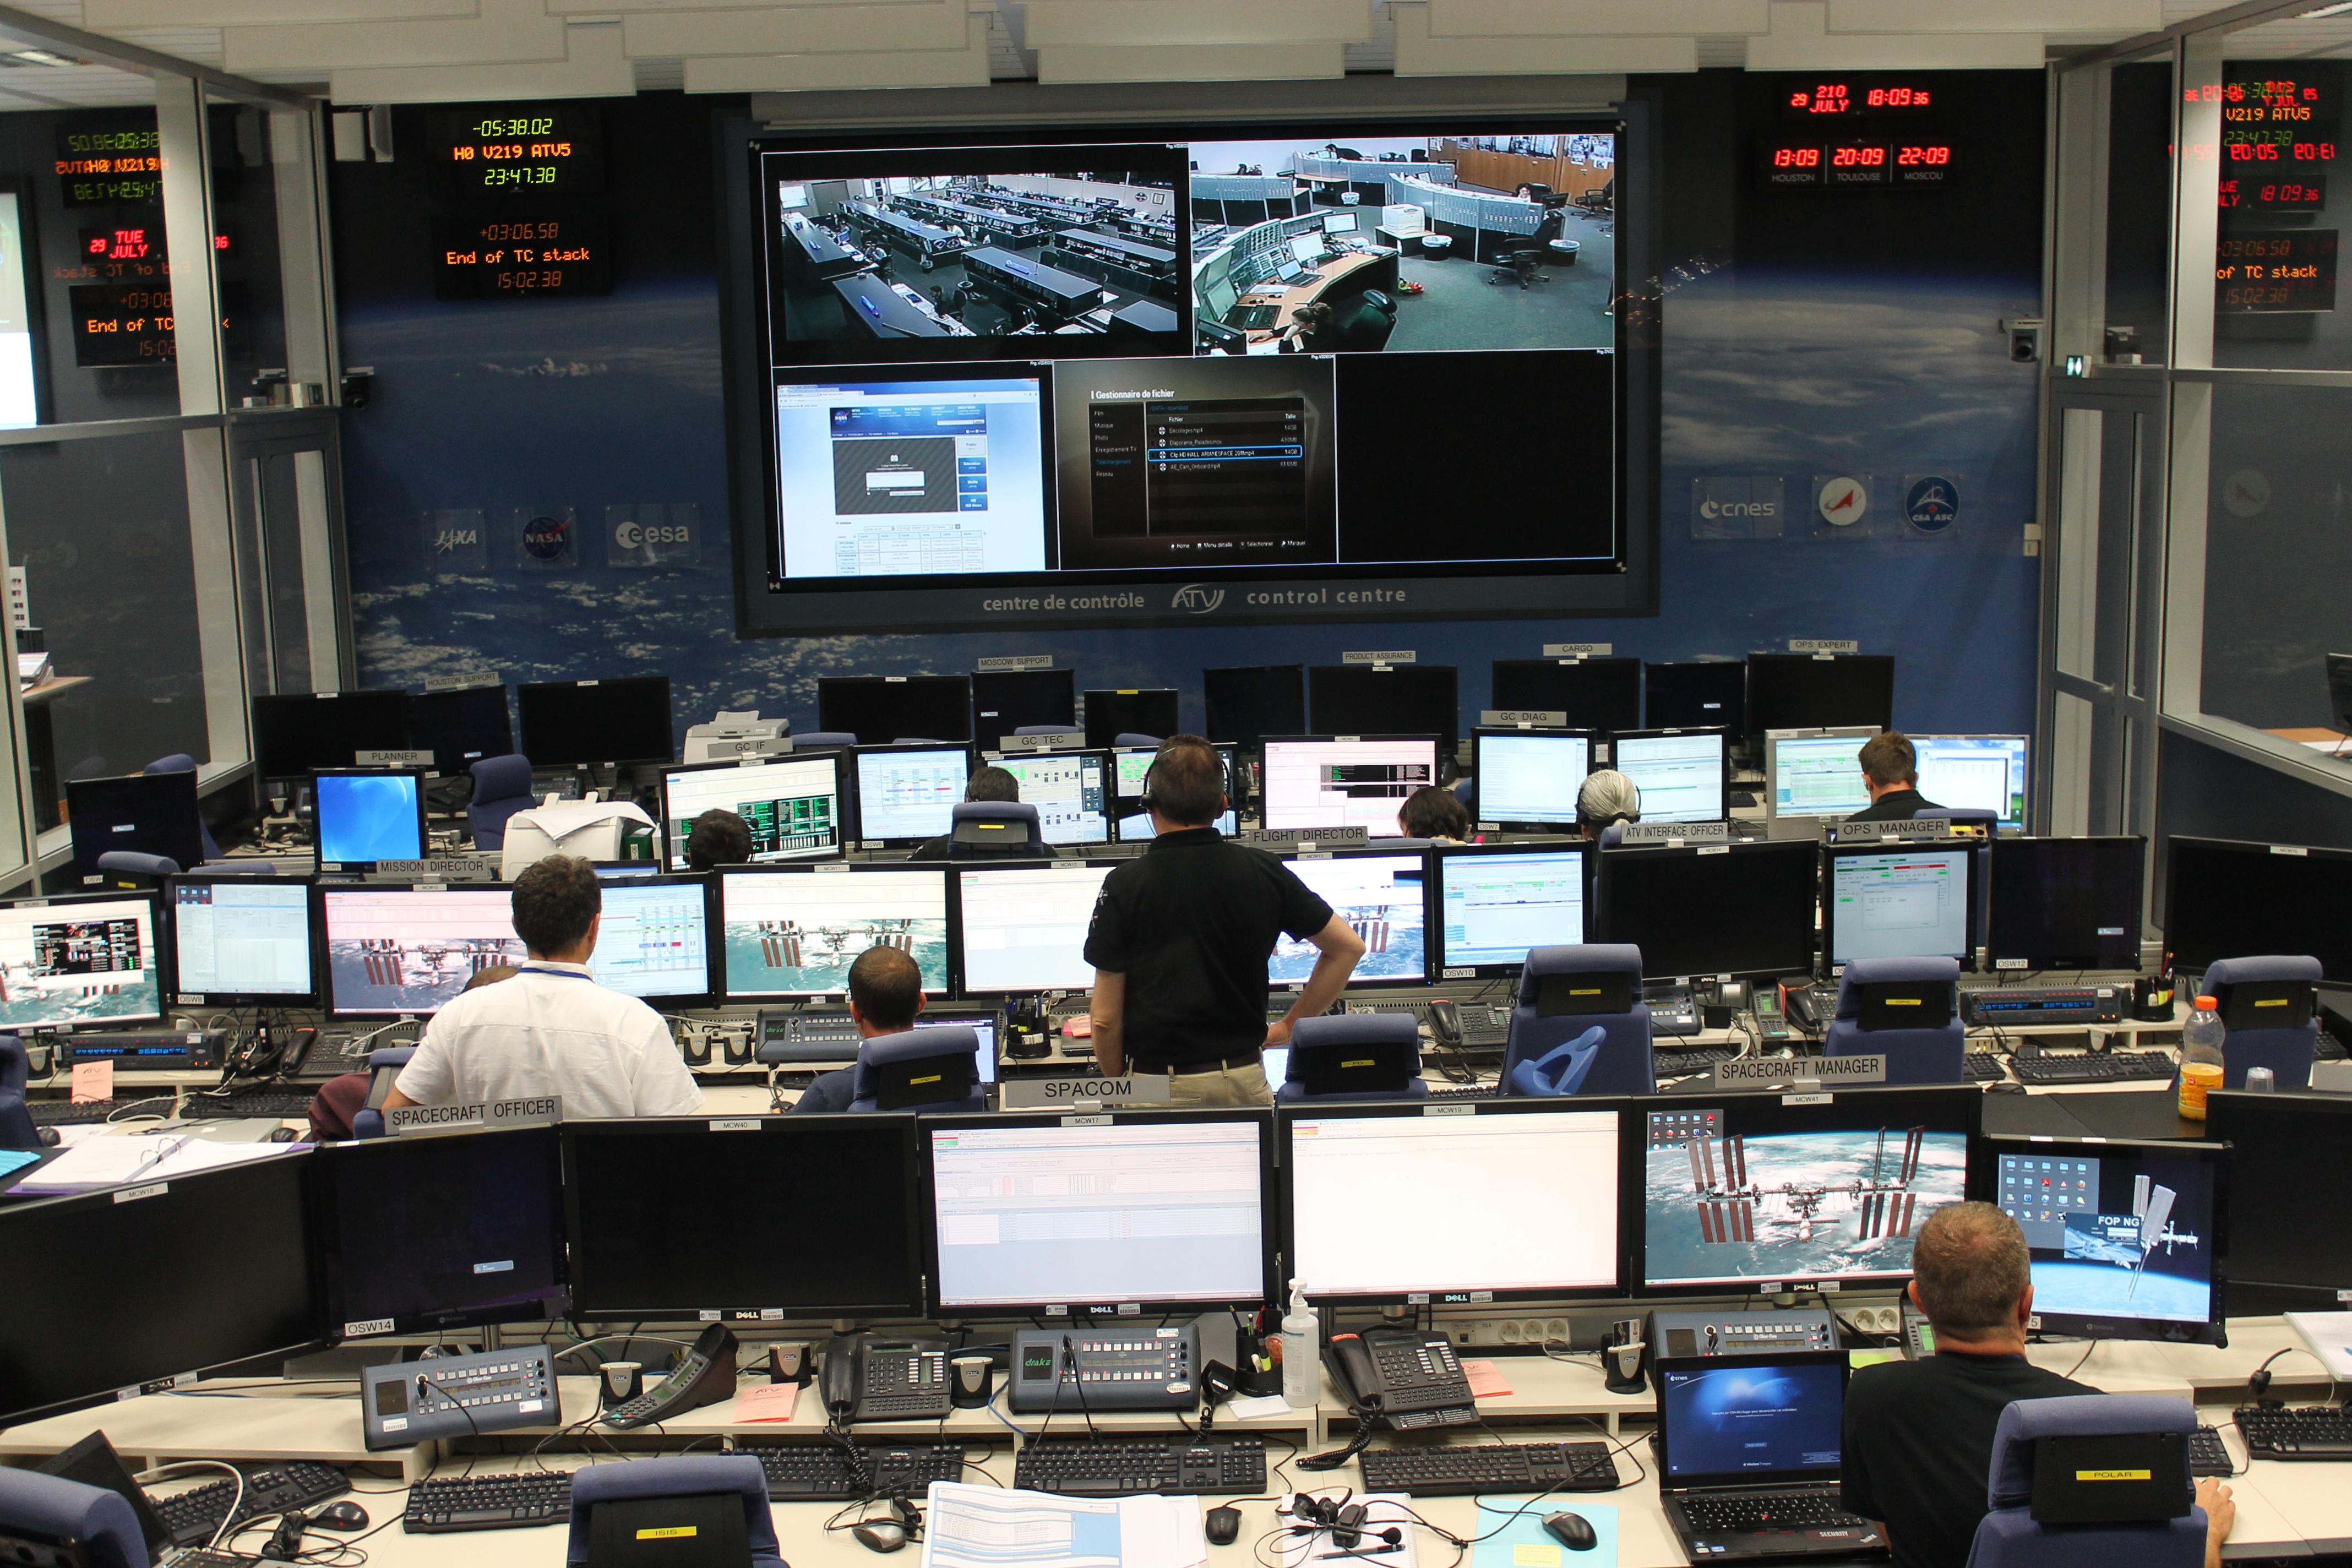 launch profile esa atv - photo #45